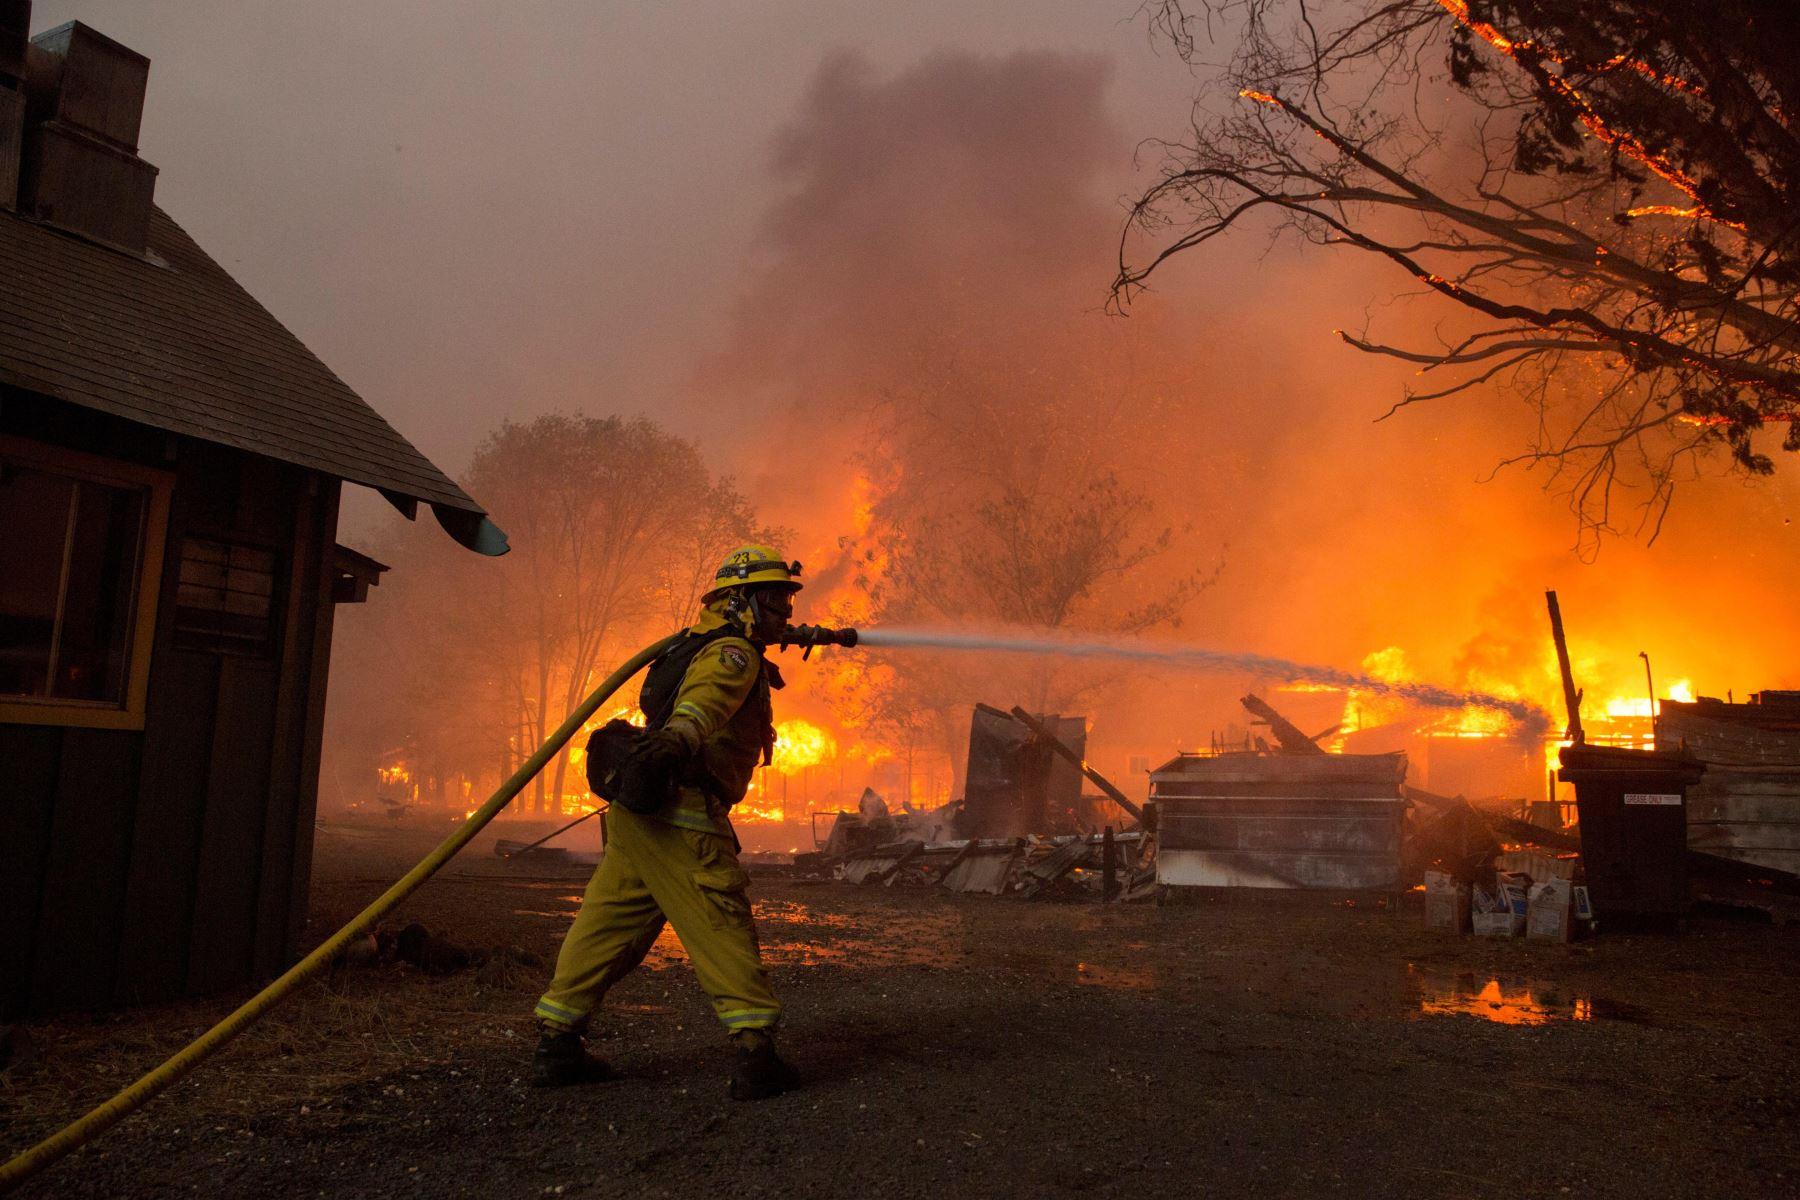 Bomberos intentan apagar el fuego en un edificio hoy, jueves 8 de noviembre de 2018, en el condado de Butte, California (EE. UU.). Se ordenÛ a las comunidades cercanas de Pulga, Paradise y Concow que evacuen la zona.EFE